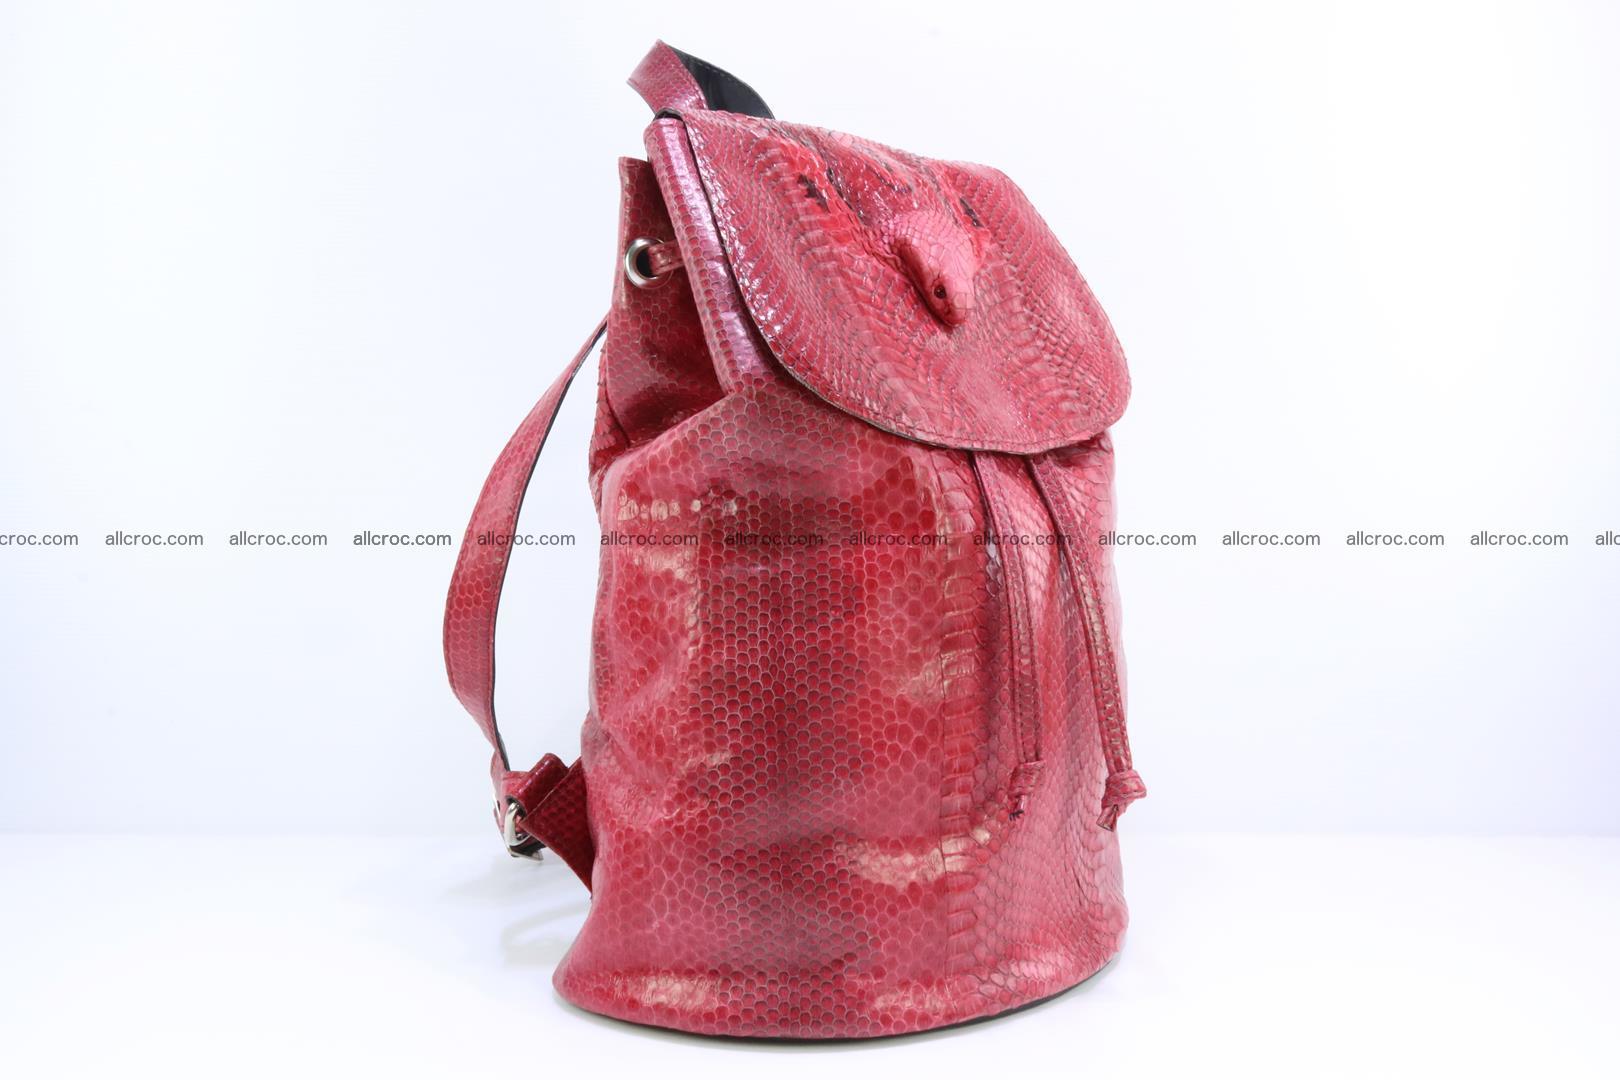 Cobra skin backpack with head of cobra 418 Foto 1